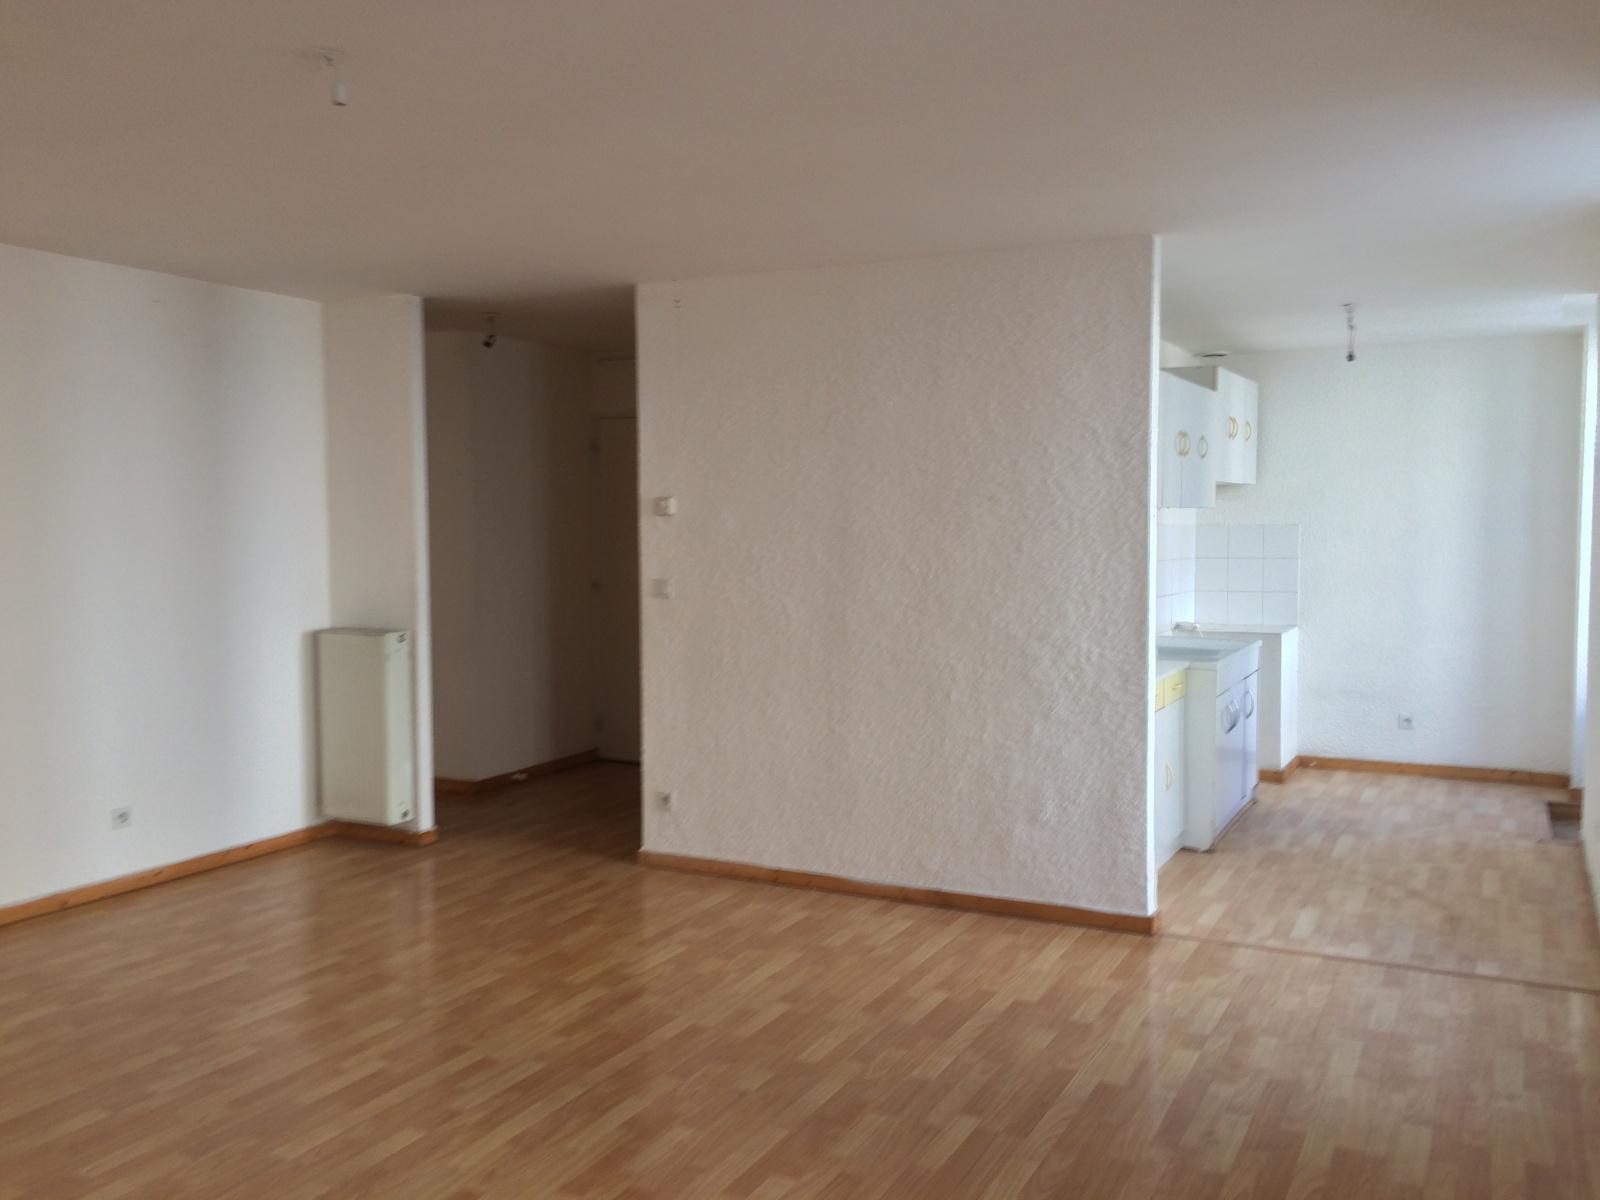 Salle De Bain Oyonnax ~ annonce vente appartement oyonnax 01100 87 m 79 000